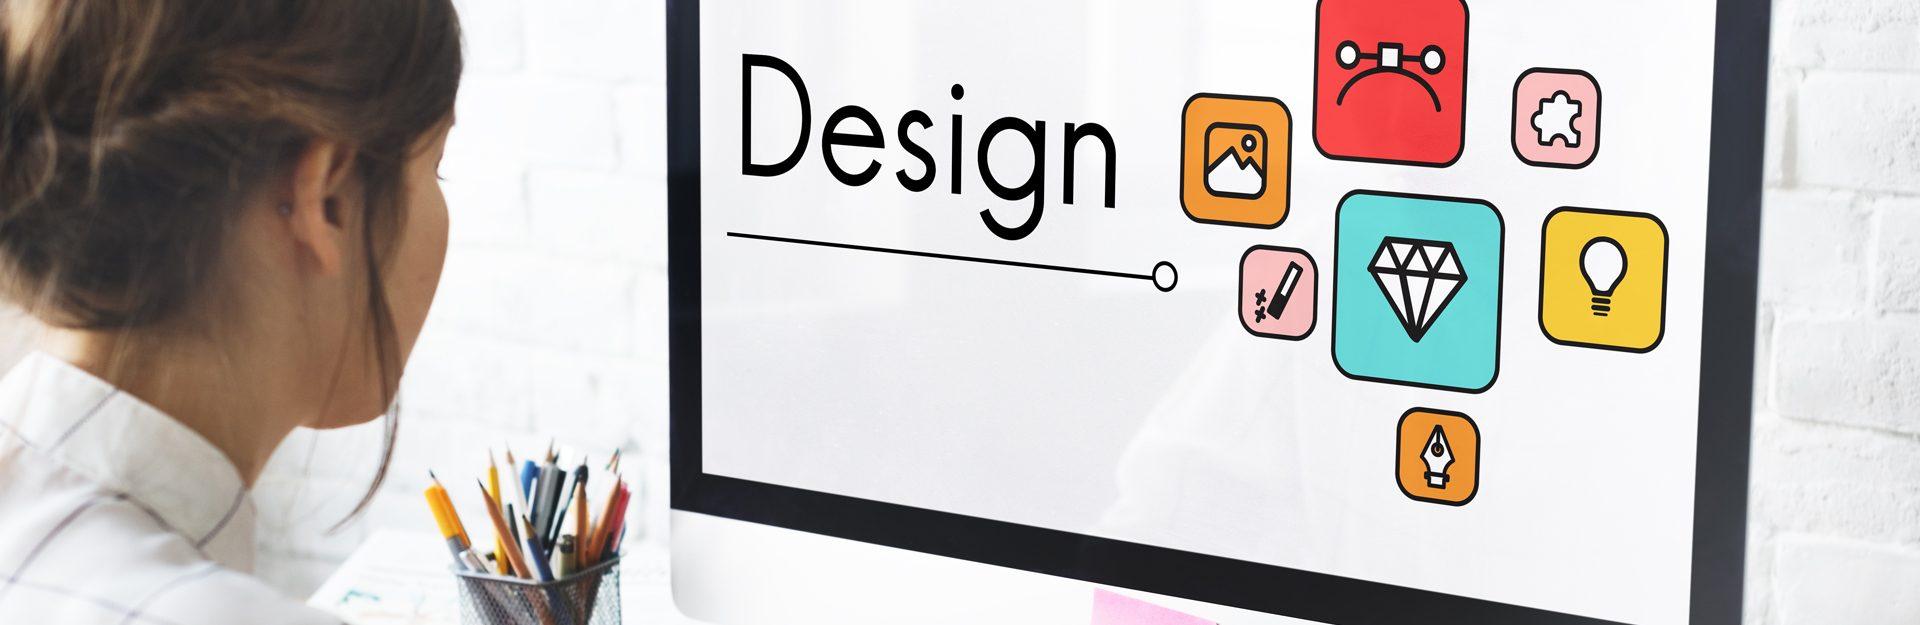 La imagen puede contener: Persona, Texto, Pizarra blanca, Electrónica, Decoración del hogar, Pantalla, Alfabeto, Teléfono, Computadora, Símbolo, Número, Multitud, Monitor, Tableta, Teléfono móvil, Ipod, Dientes, Computadora de mano, Papel, Logotipo, Tarro, Carta , Chip electrónico, Mensaje de texto, Crayón, Angry Birds, Medicación, Píldora, Lente de contacto, Público, Discurso, Planta, Cabeza, Computadora de superficie, Carpeta de archivos, Carpeta de archivos, Marcador, Bebidas, Ropa, Nabo, Archivo, Iphone, Parcela, Código QR, Dados, Mermelada, Botella de vino, Pin, Cepillo, Ice Pop.